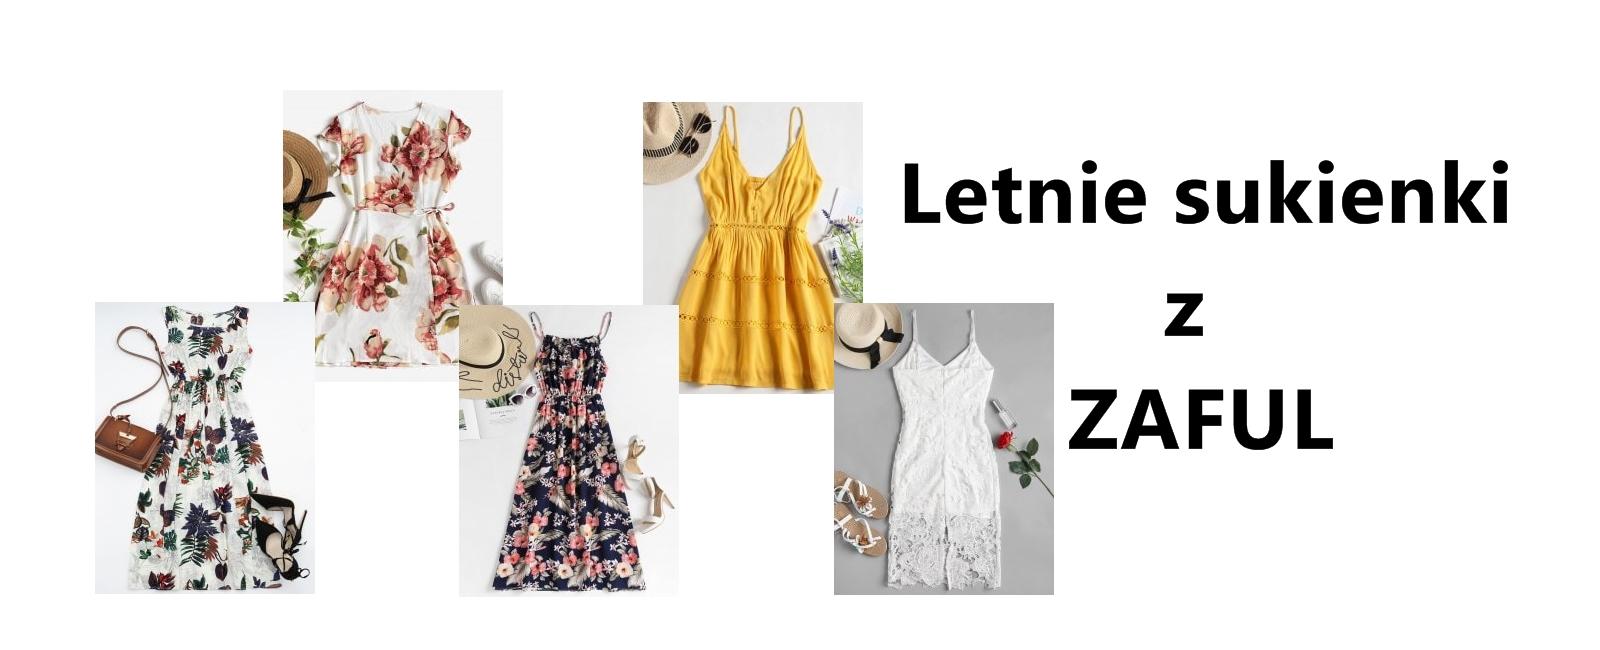 Letnie sukienki z ZAFUL